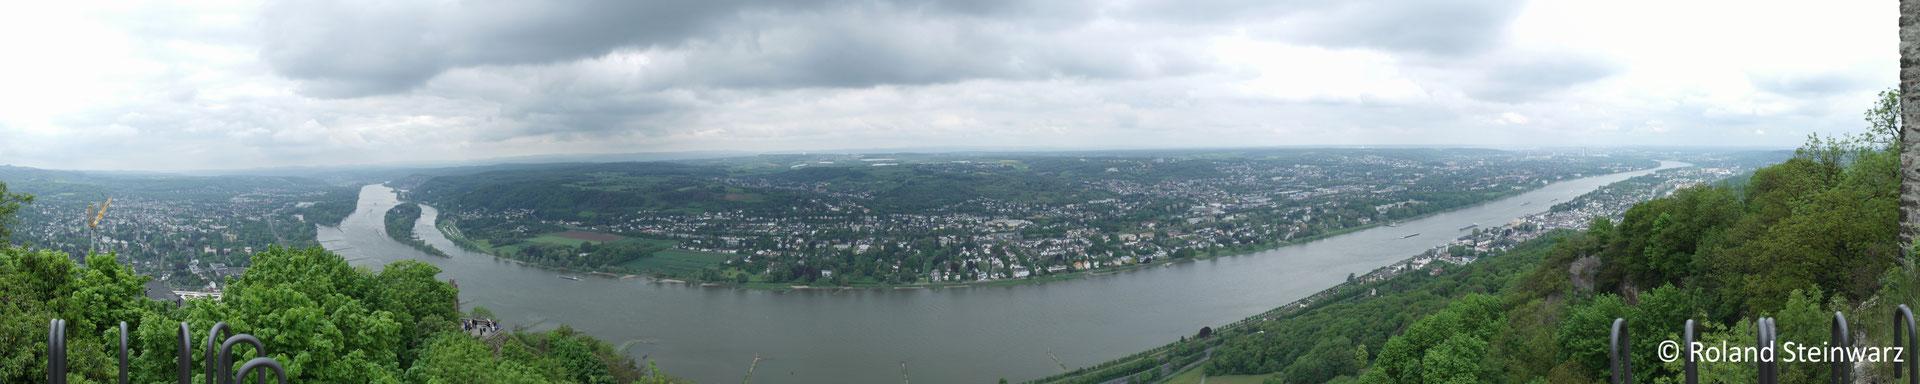 Ausblick vom Drachenfels ins Rheintal, 6 Einzelfotos